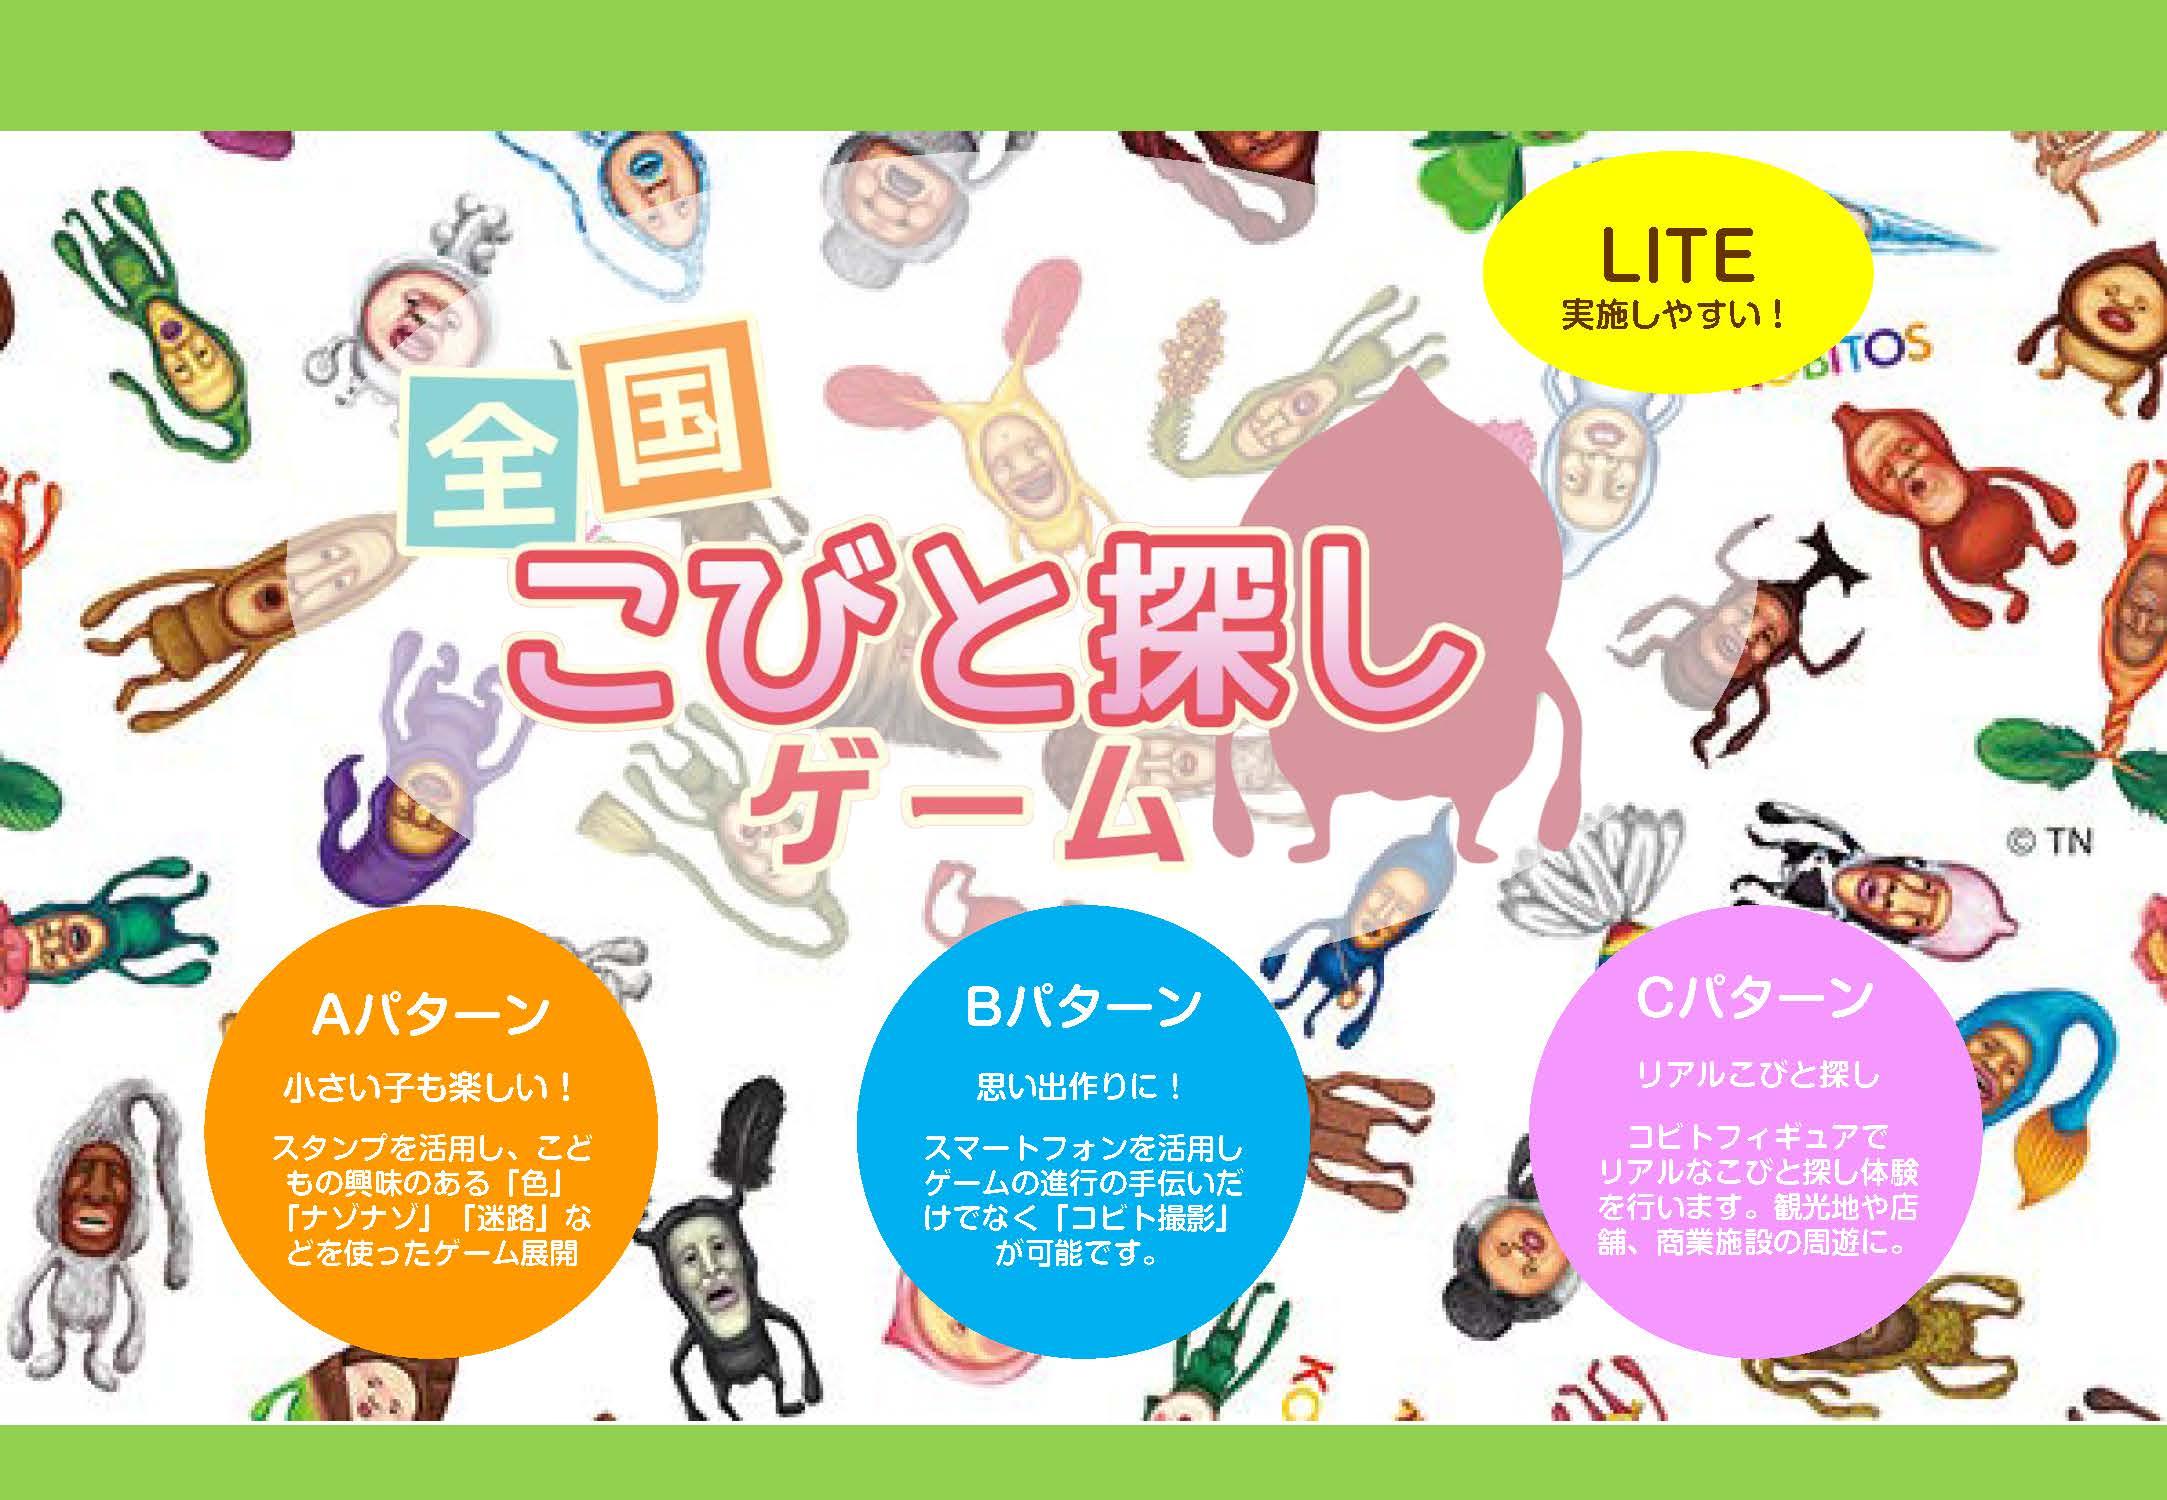 kobito_event